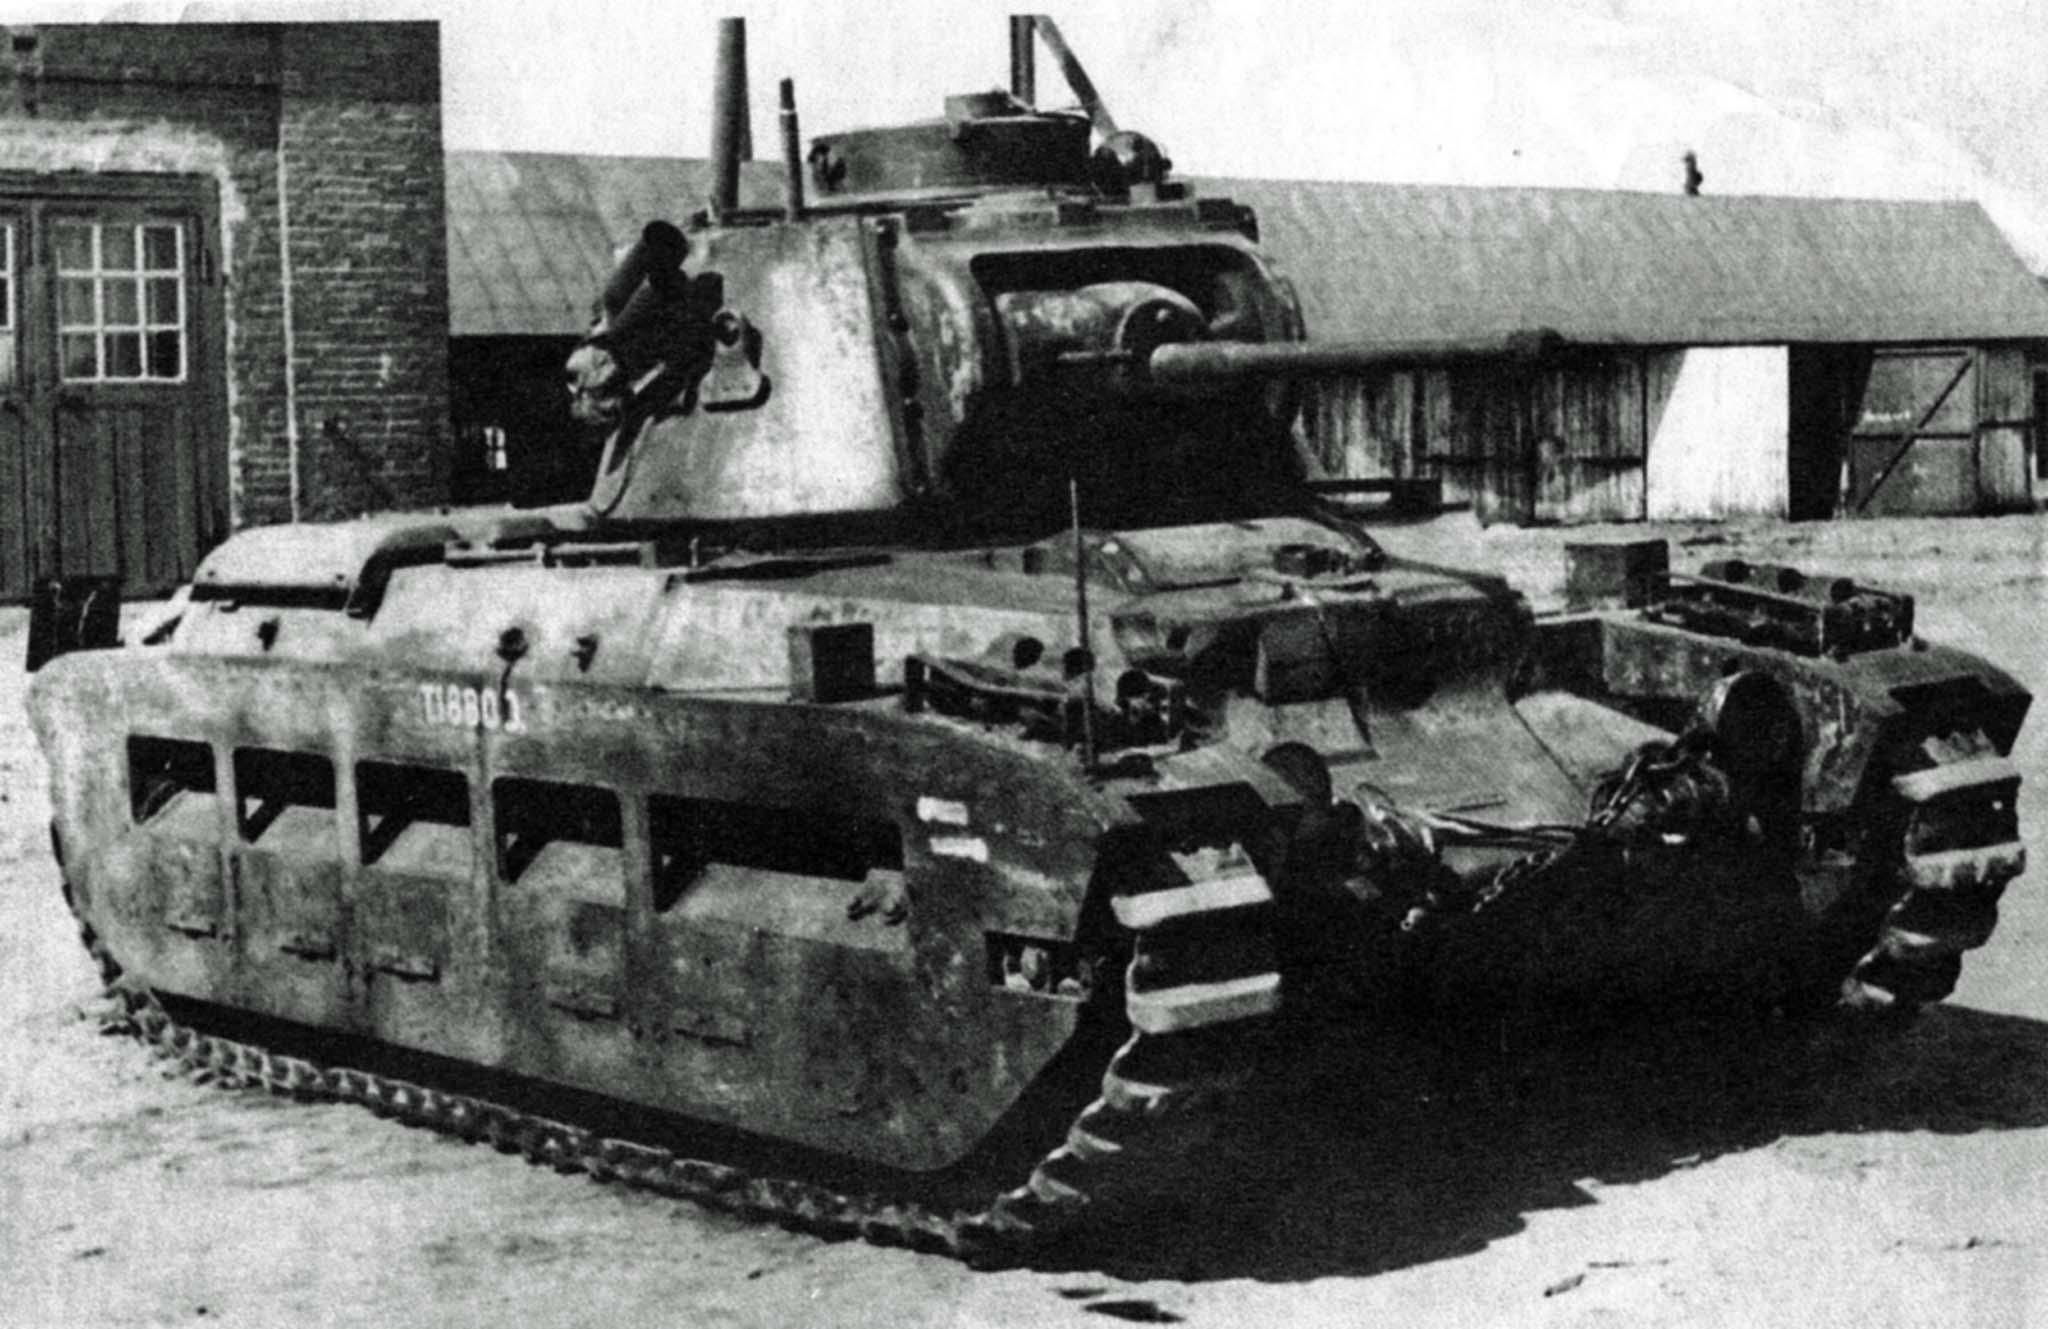 Mk.II Matilda II